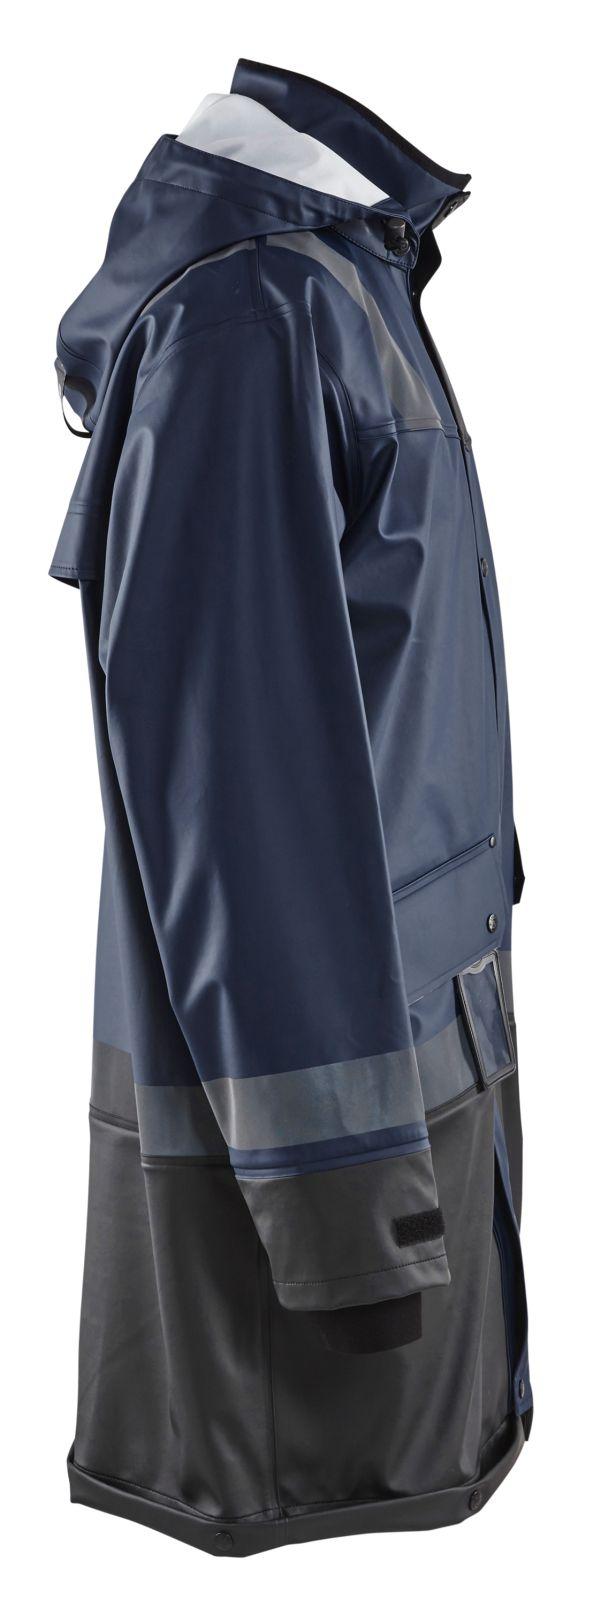 Blaklader Jassen 43212003 donker marineblauw-zwart(8699)